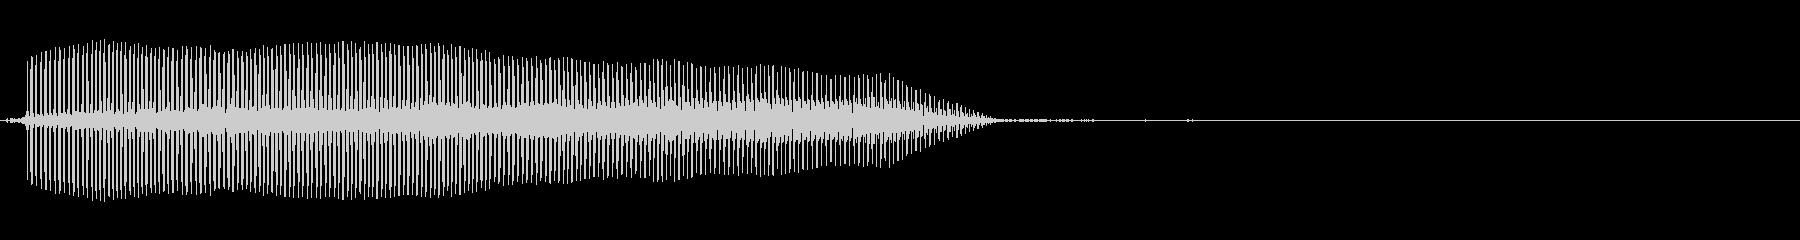 STEEL GUITAR:LOW ...の未再生の波形